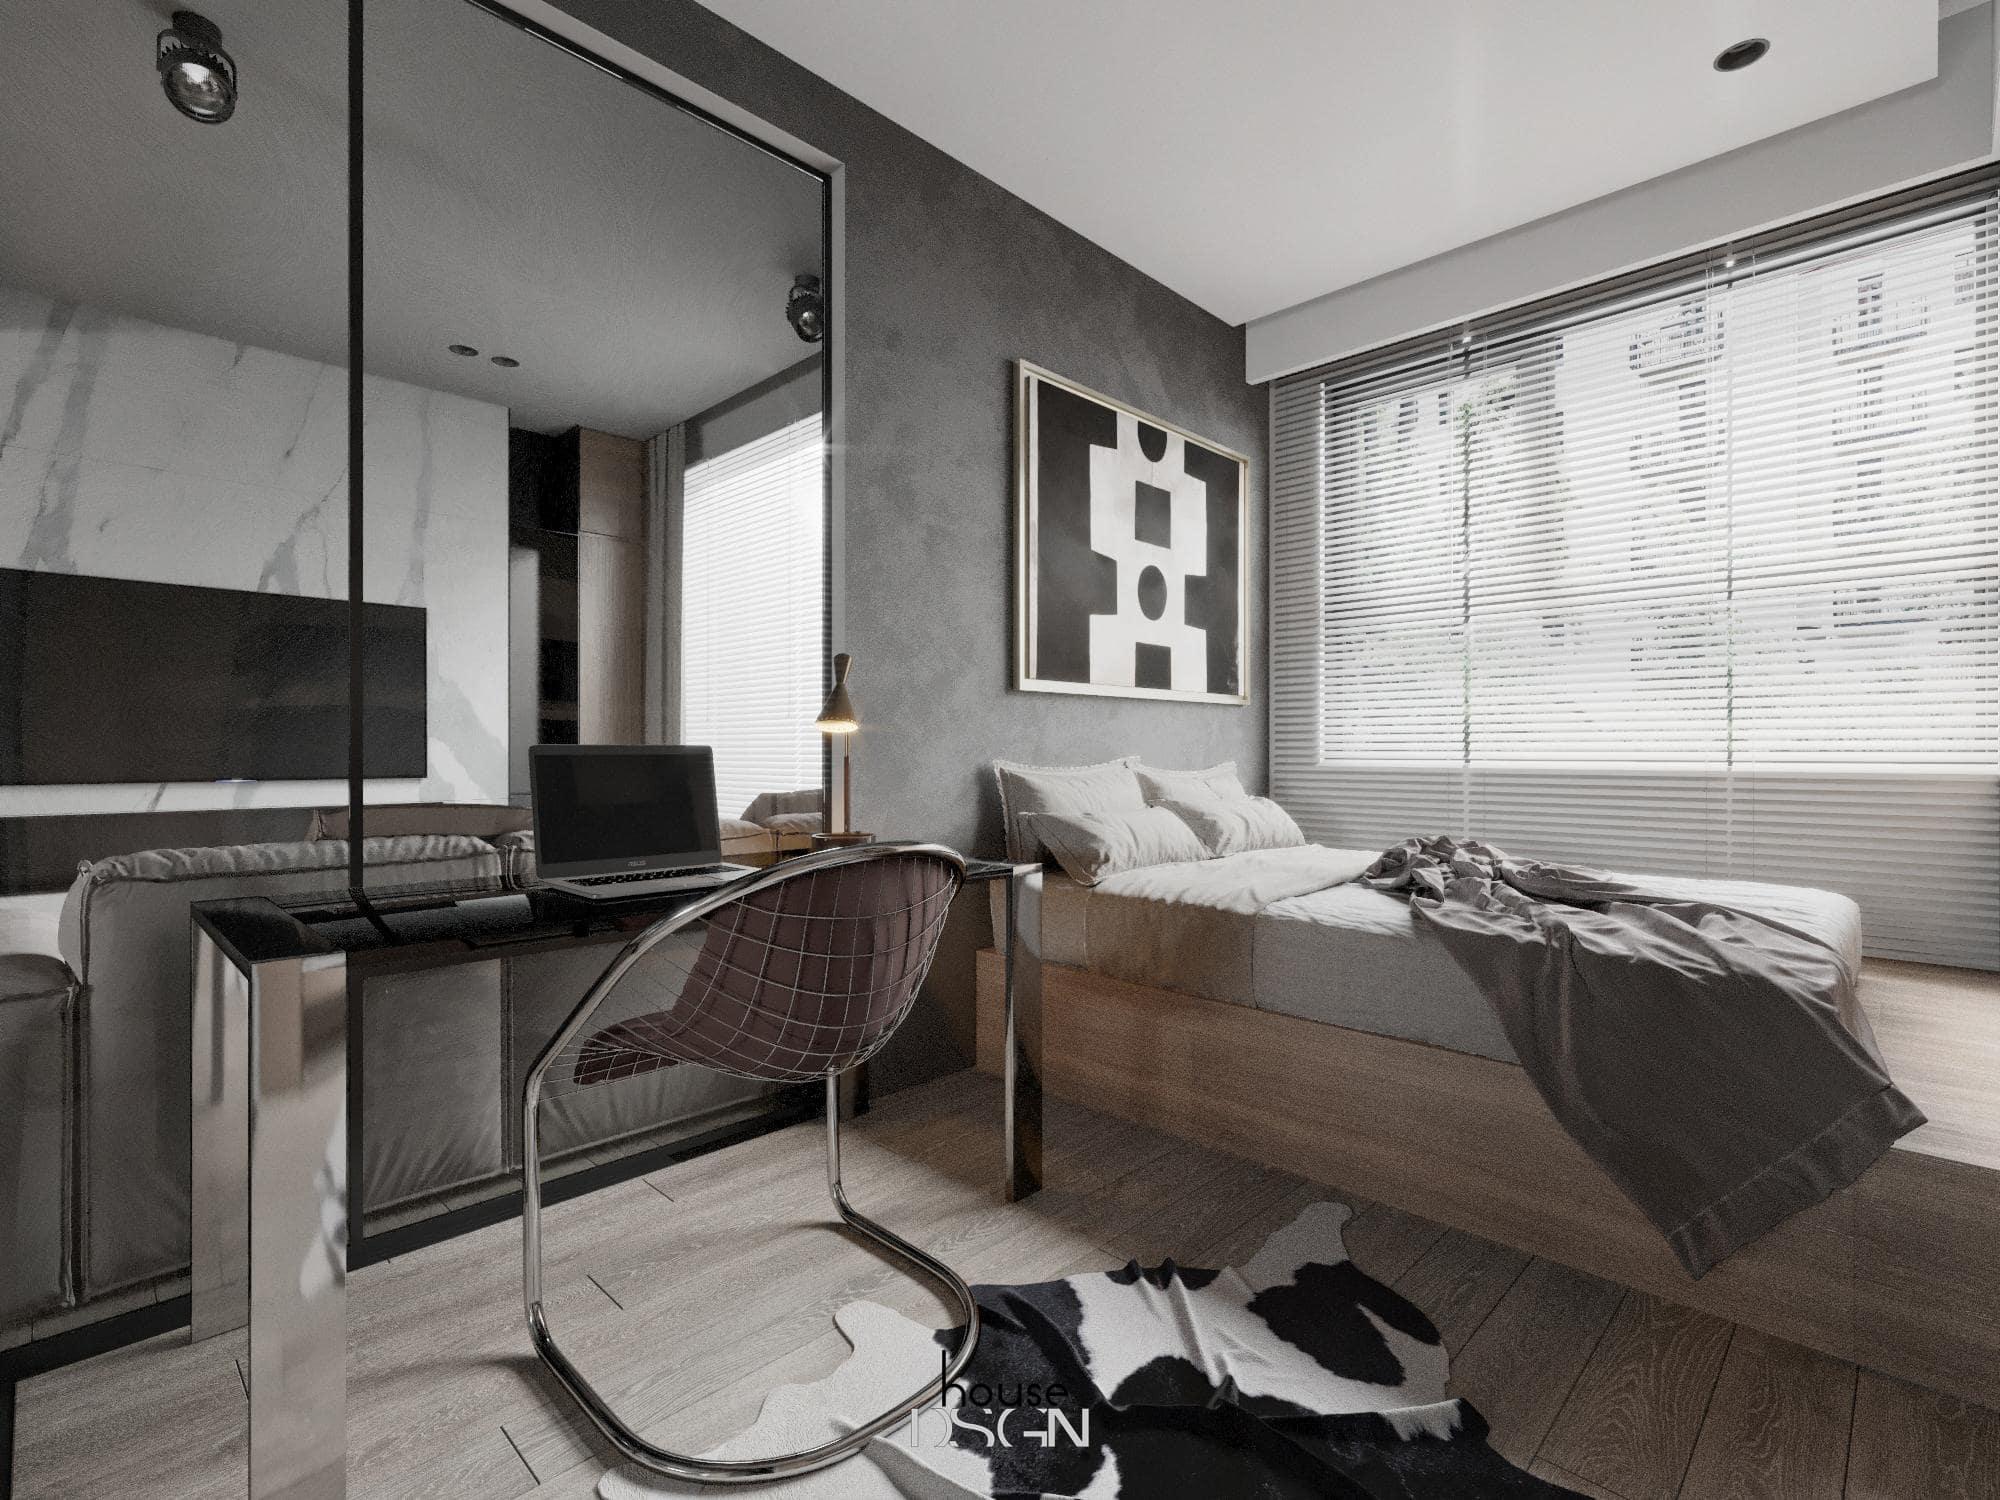 mẫu phong cách thiết kế nội thất biệt thự ấn tượng